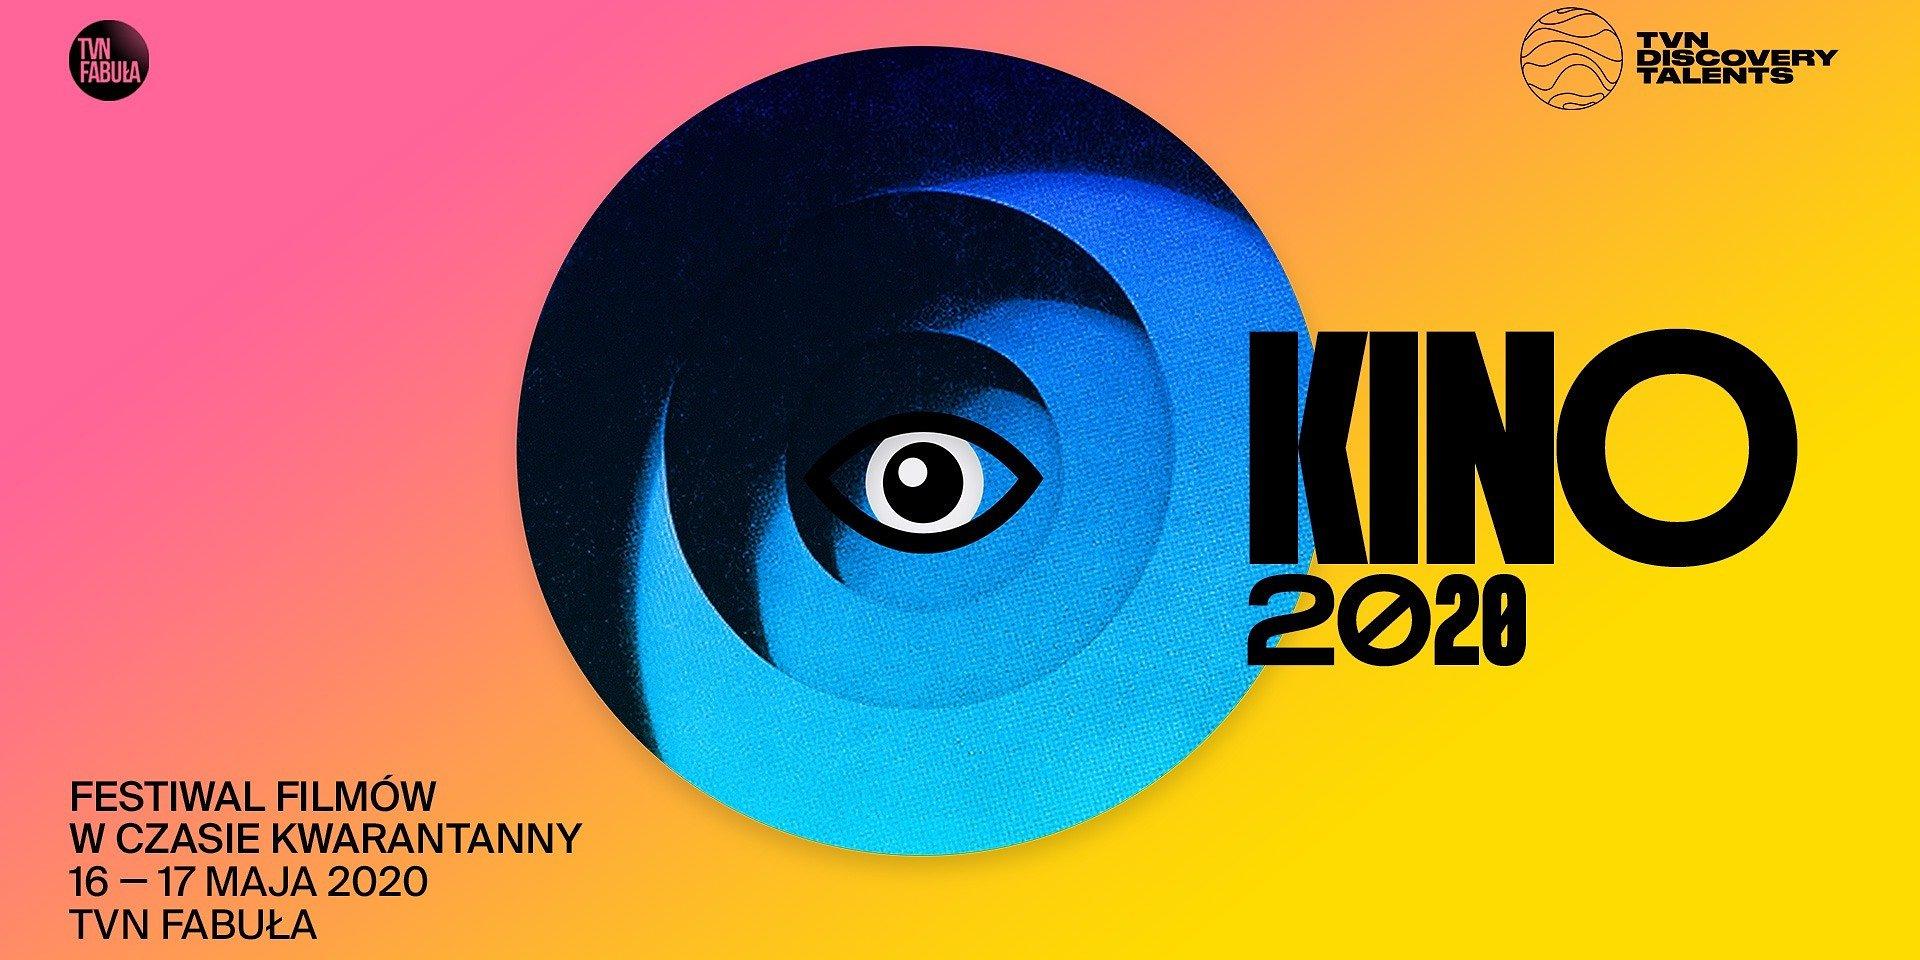 KINO 2020 - Pierwszy Festiwal Filmów w Czasie Kwarantanny organizowany przez TVN Fabuła